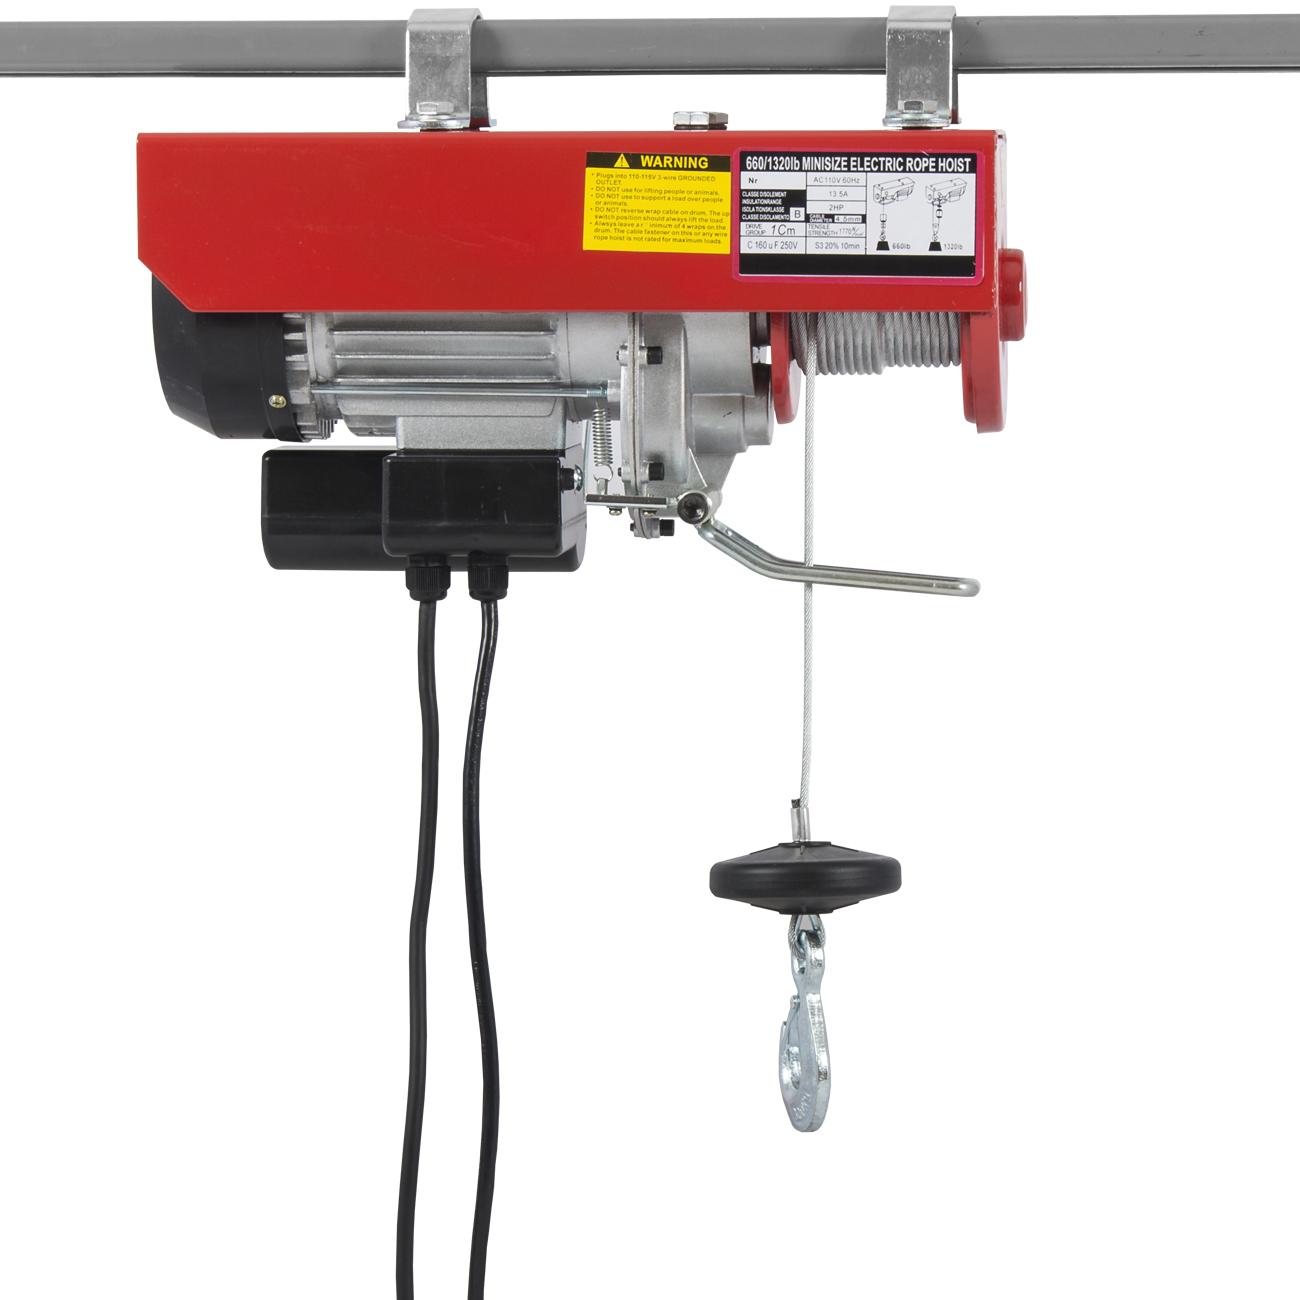 Overhead Crane Remote Control : Electric wire hoist remote control garage auto